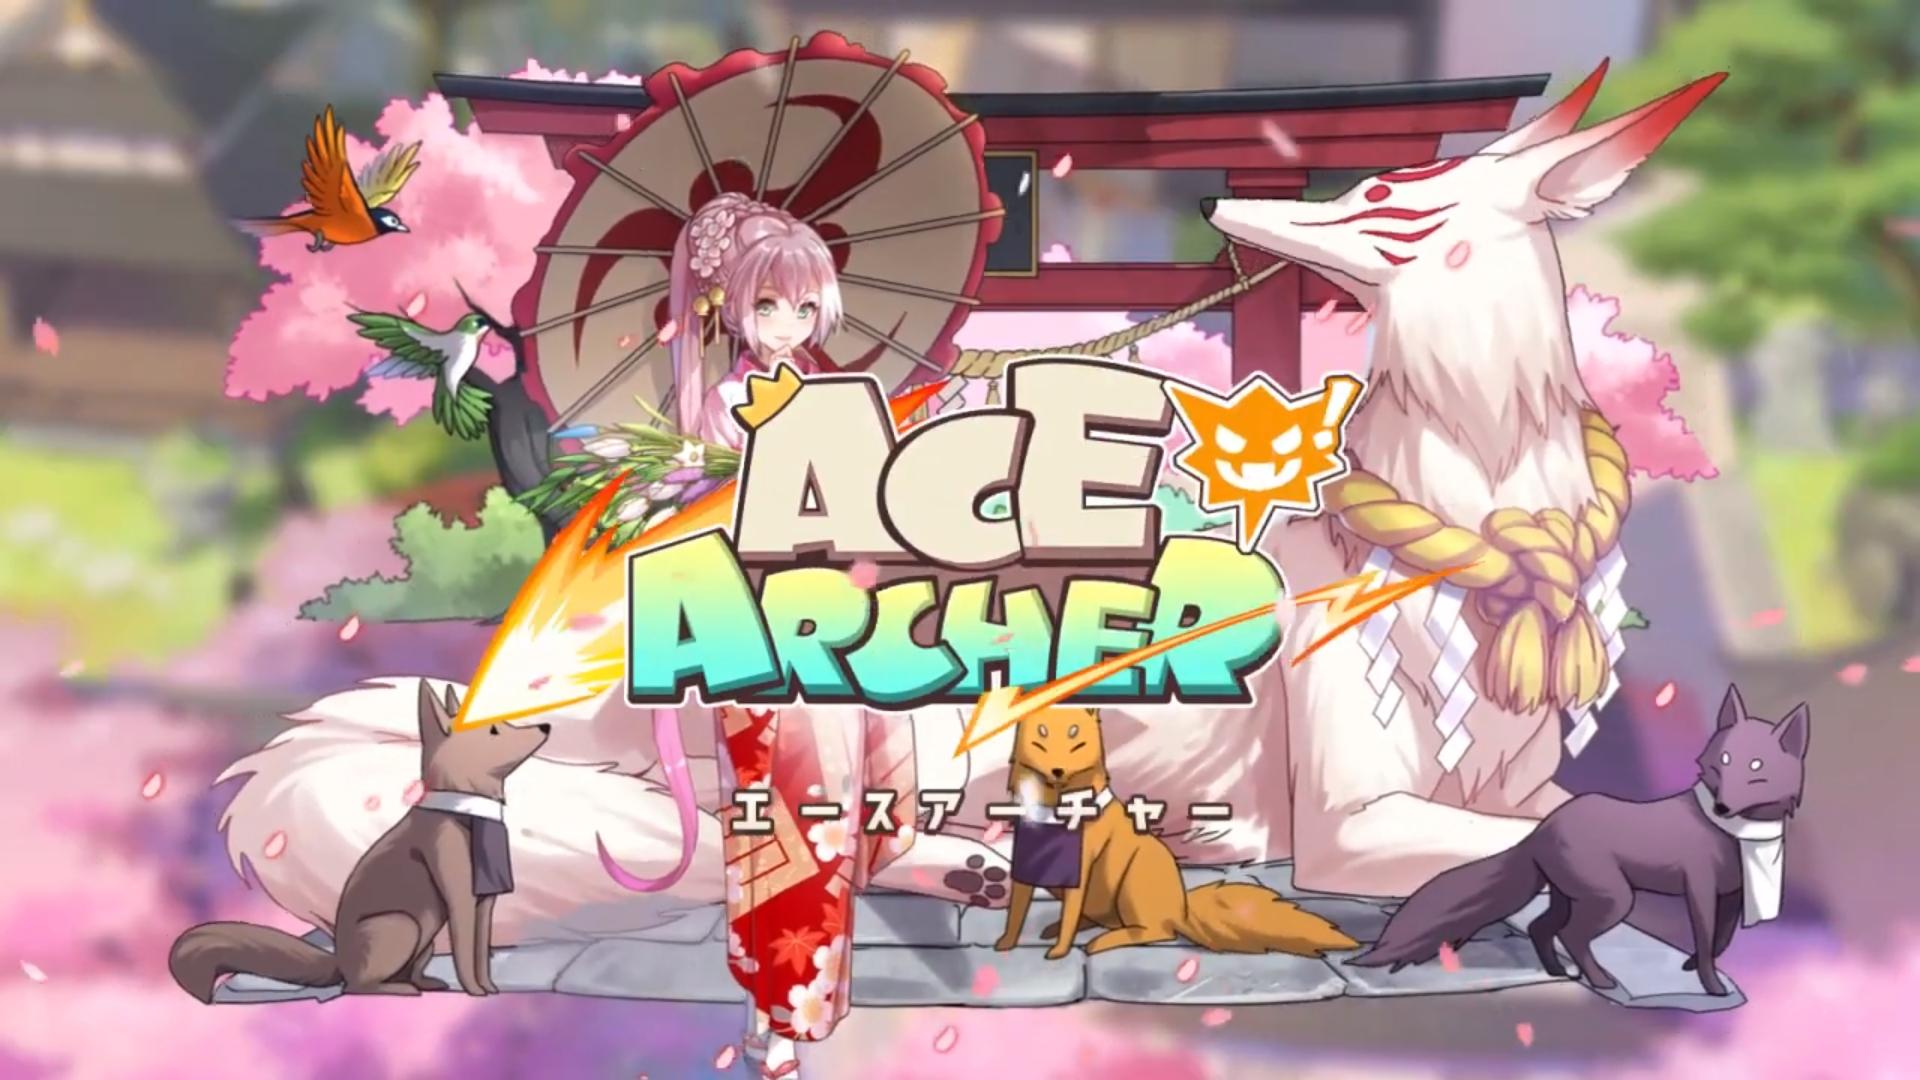 Ace Archer 2482020 1